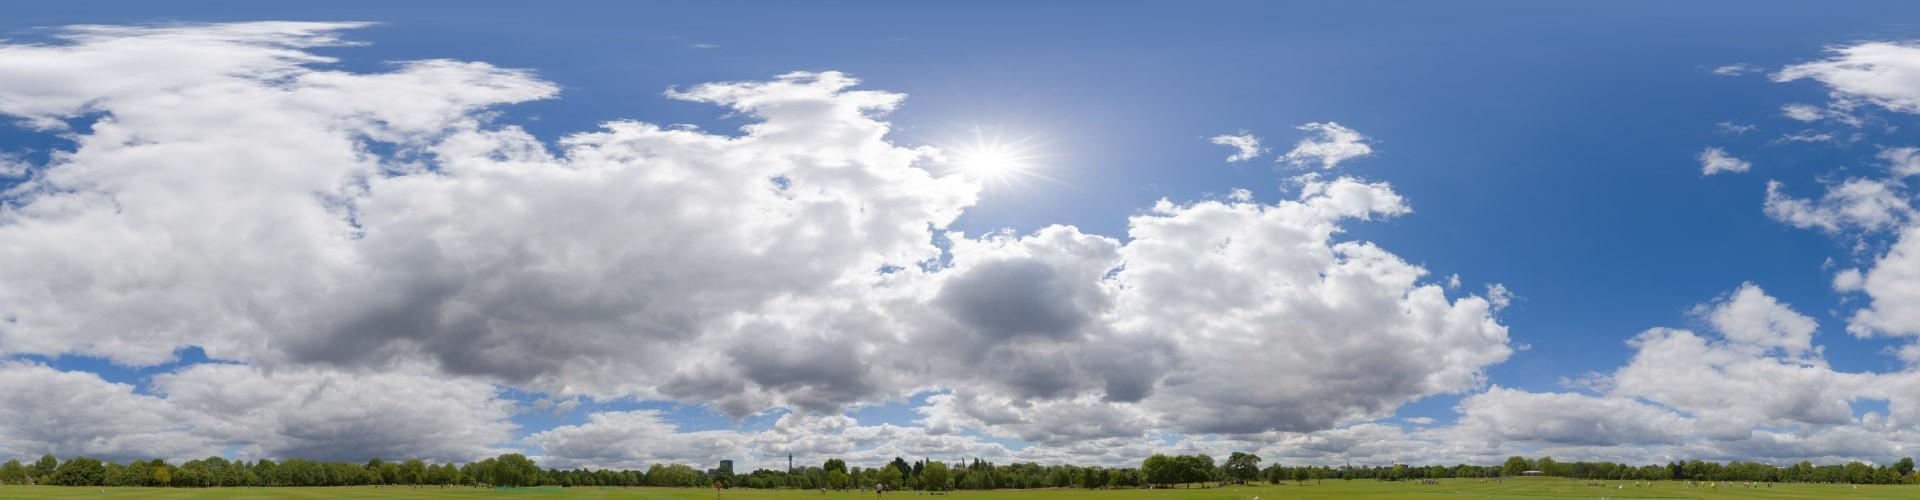 Sunny Clouds 7739 (30k) HDRI